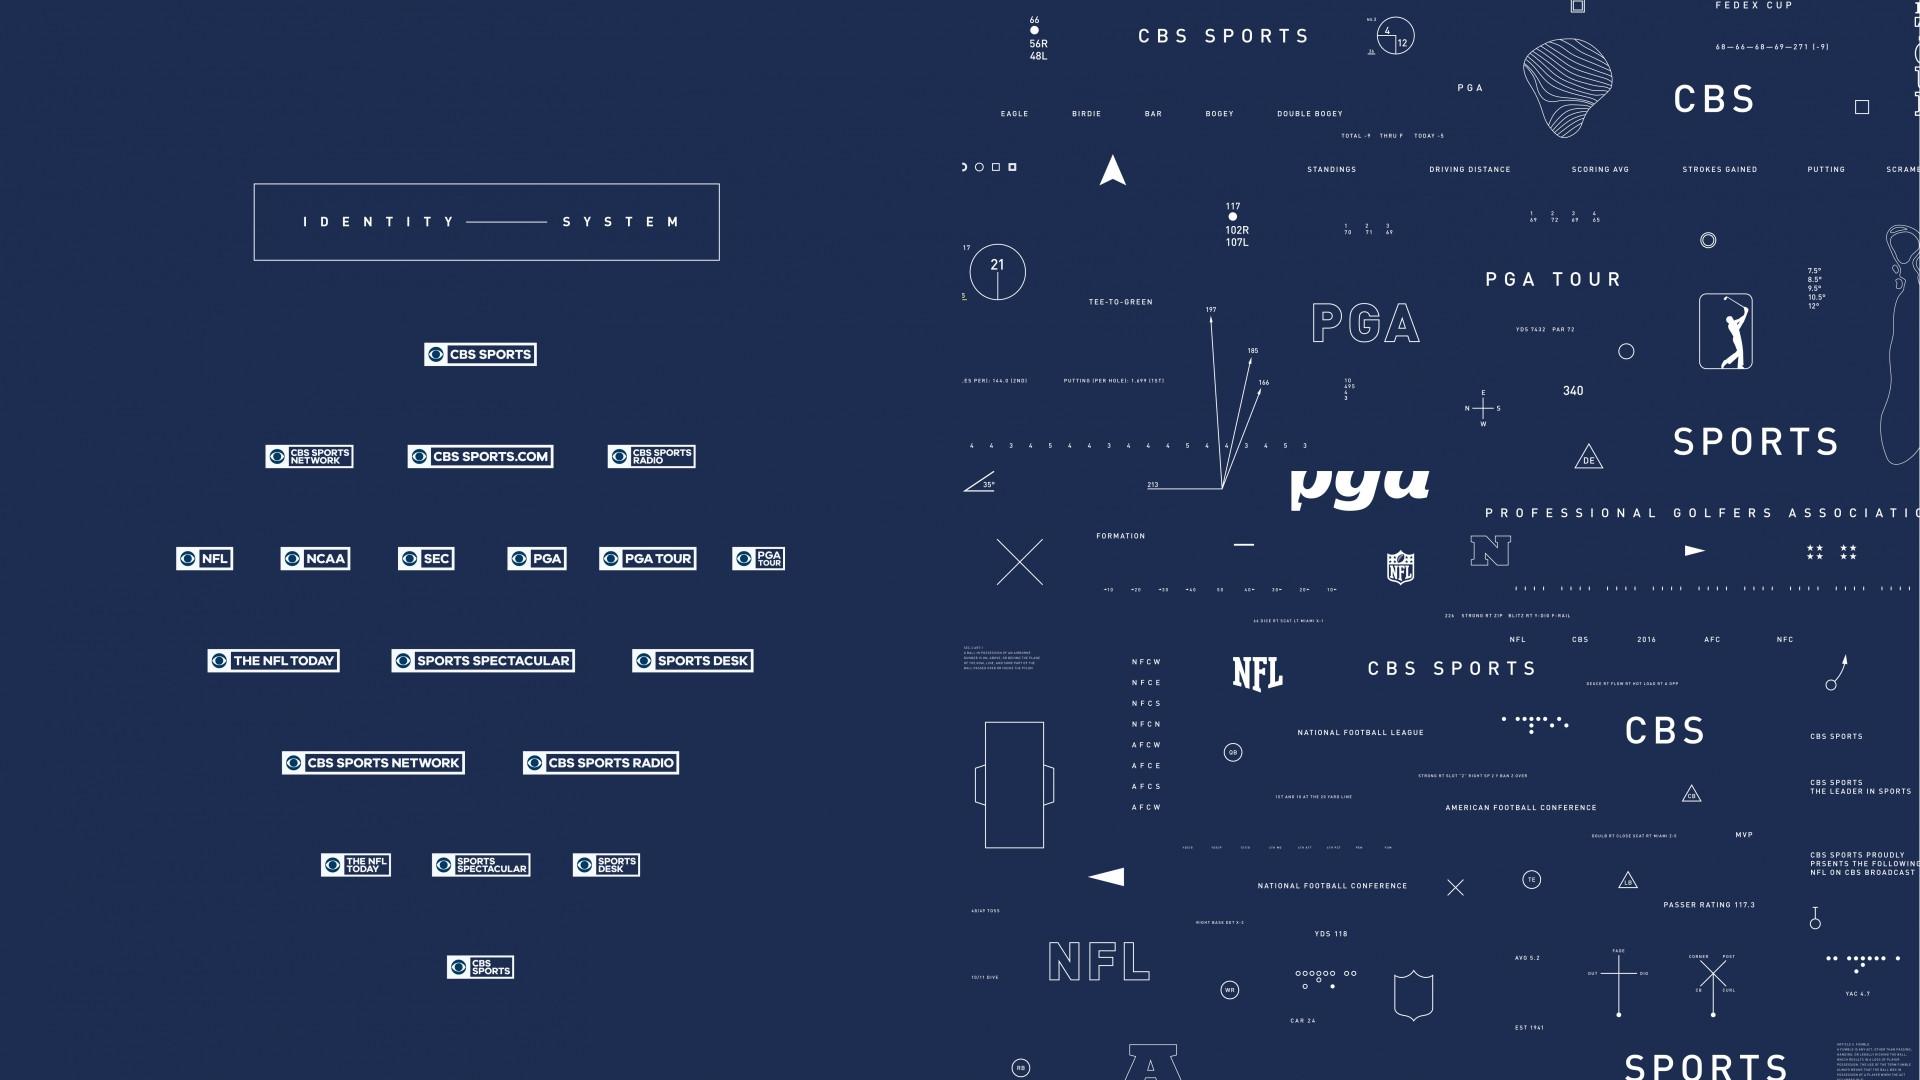 logo-1920x1080.jpg